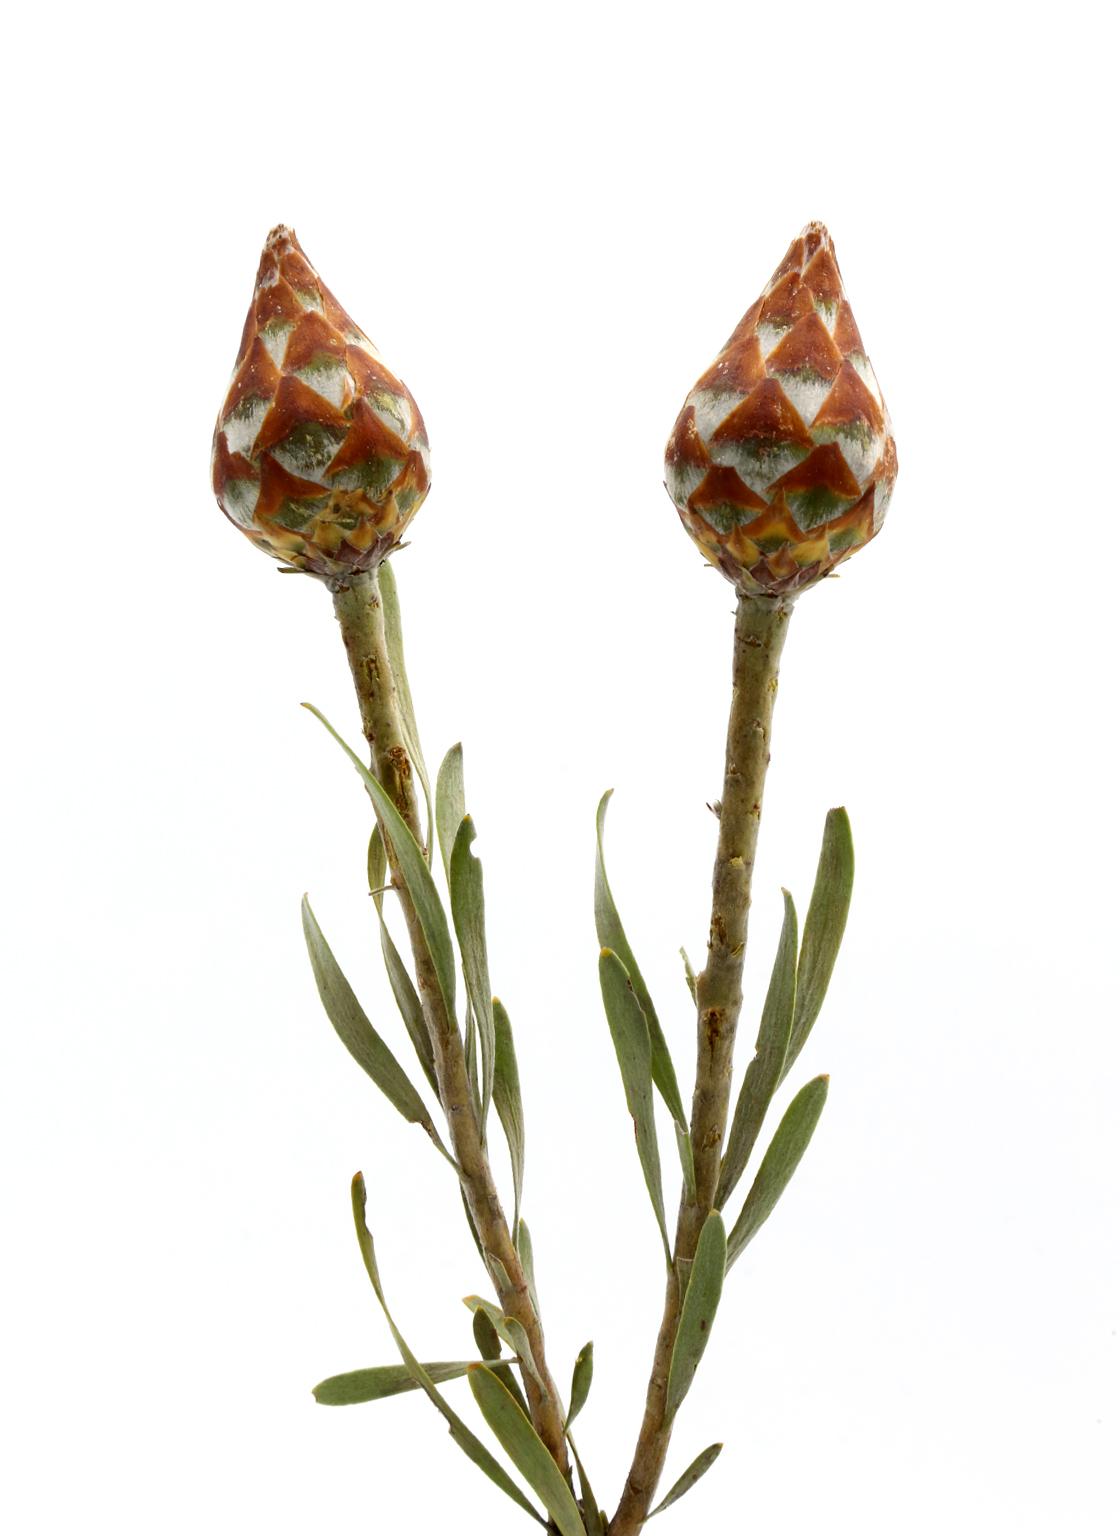 kaaps groen-plumosum